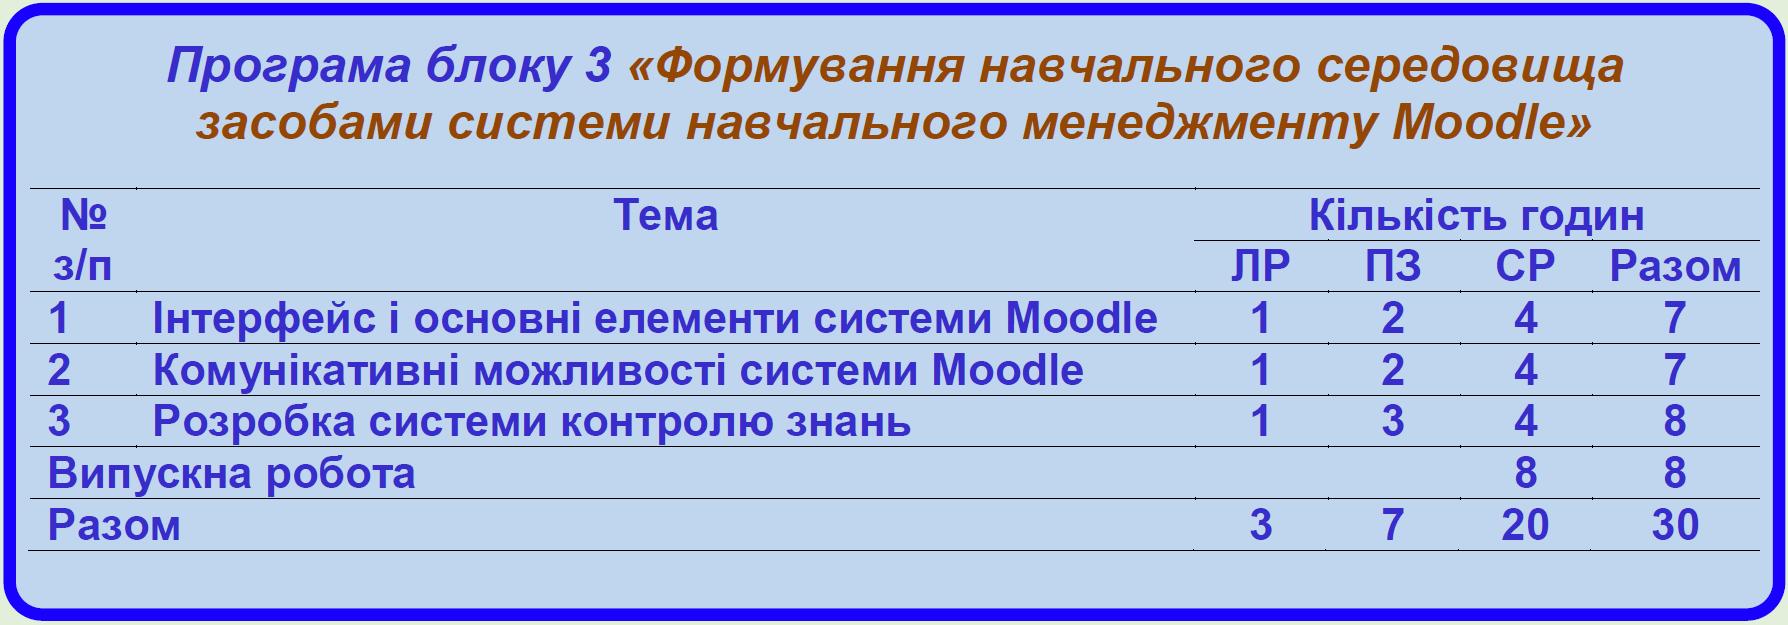 Програма блоку 3 «Формування навчального середовища засобами системи навчального менеджменту Moodle»